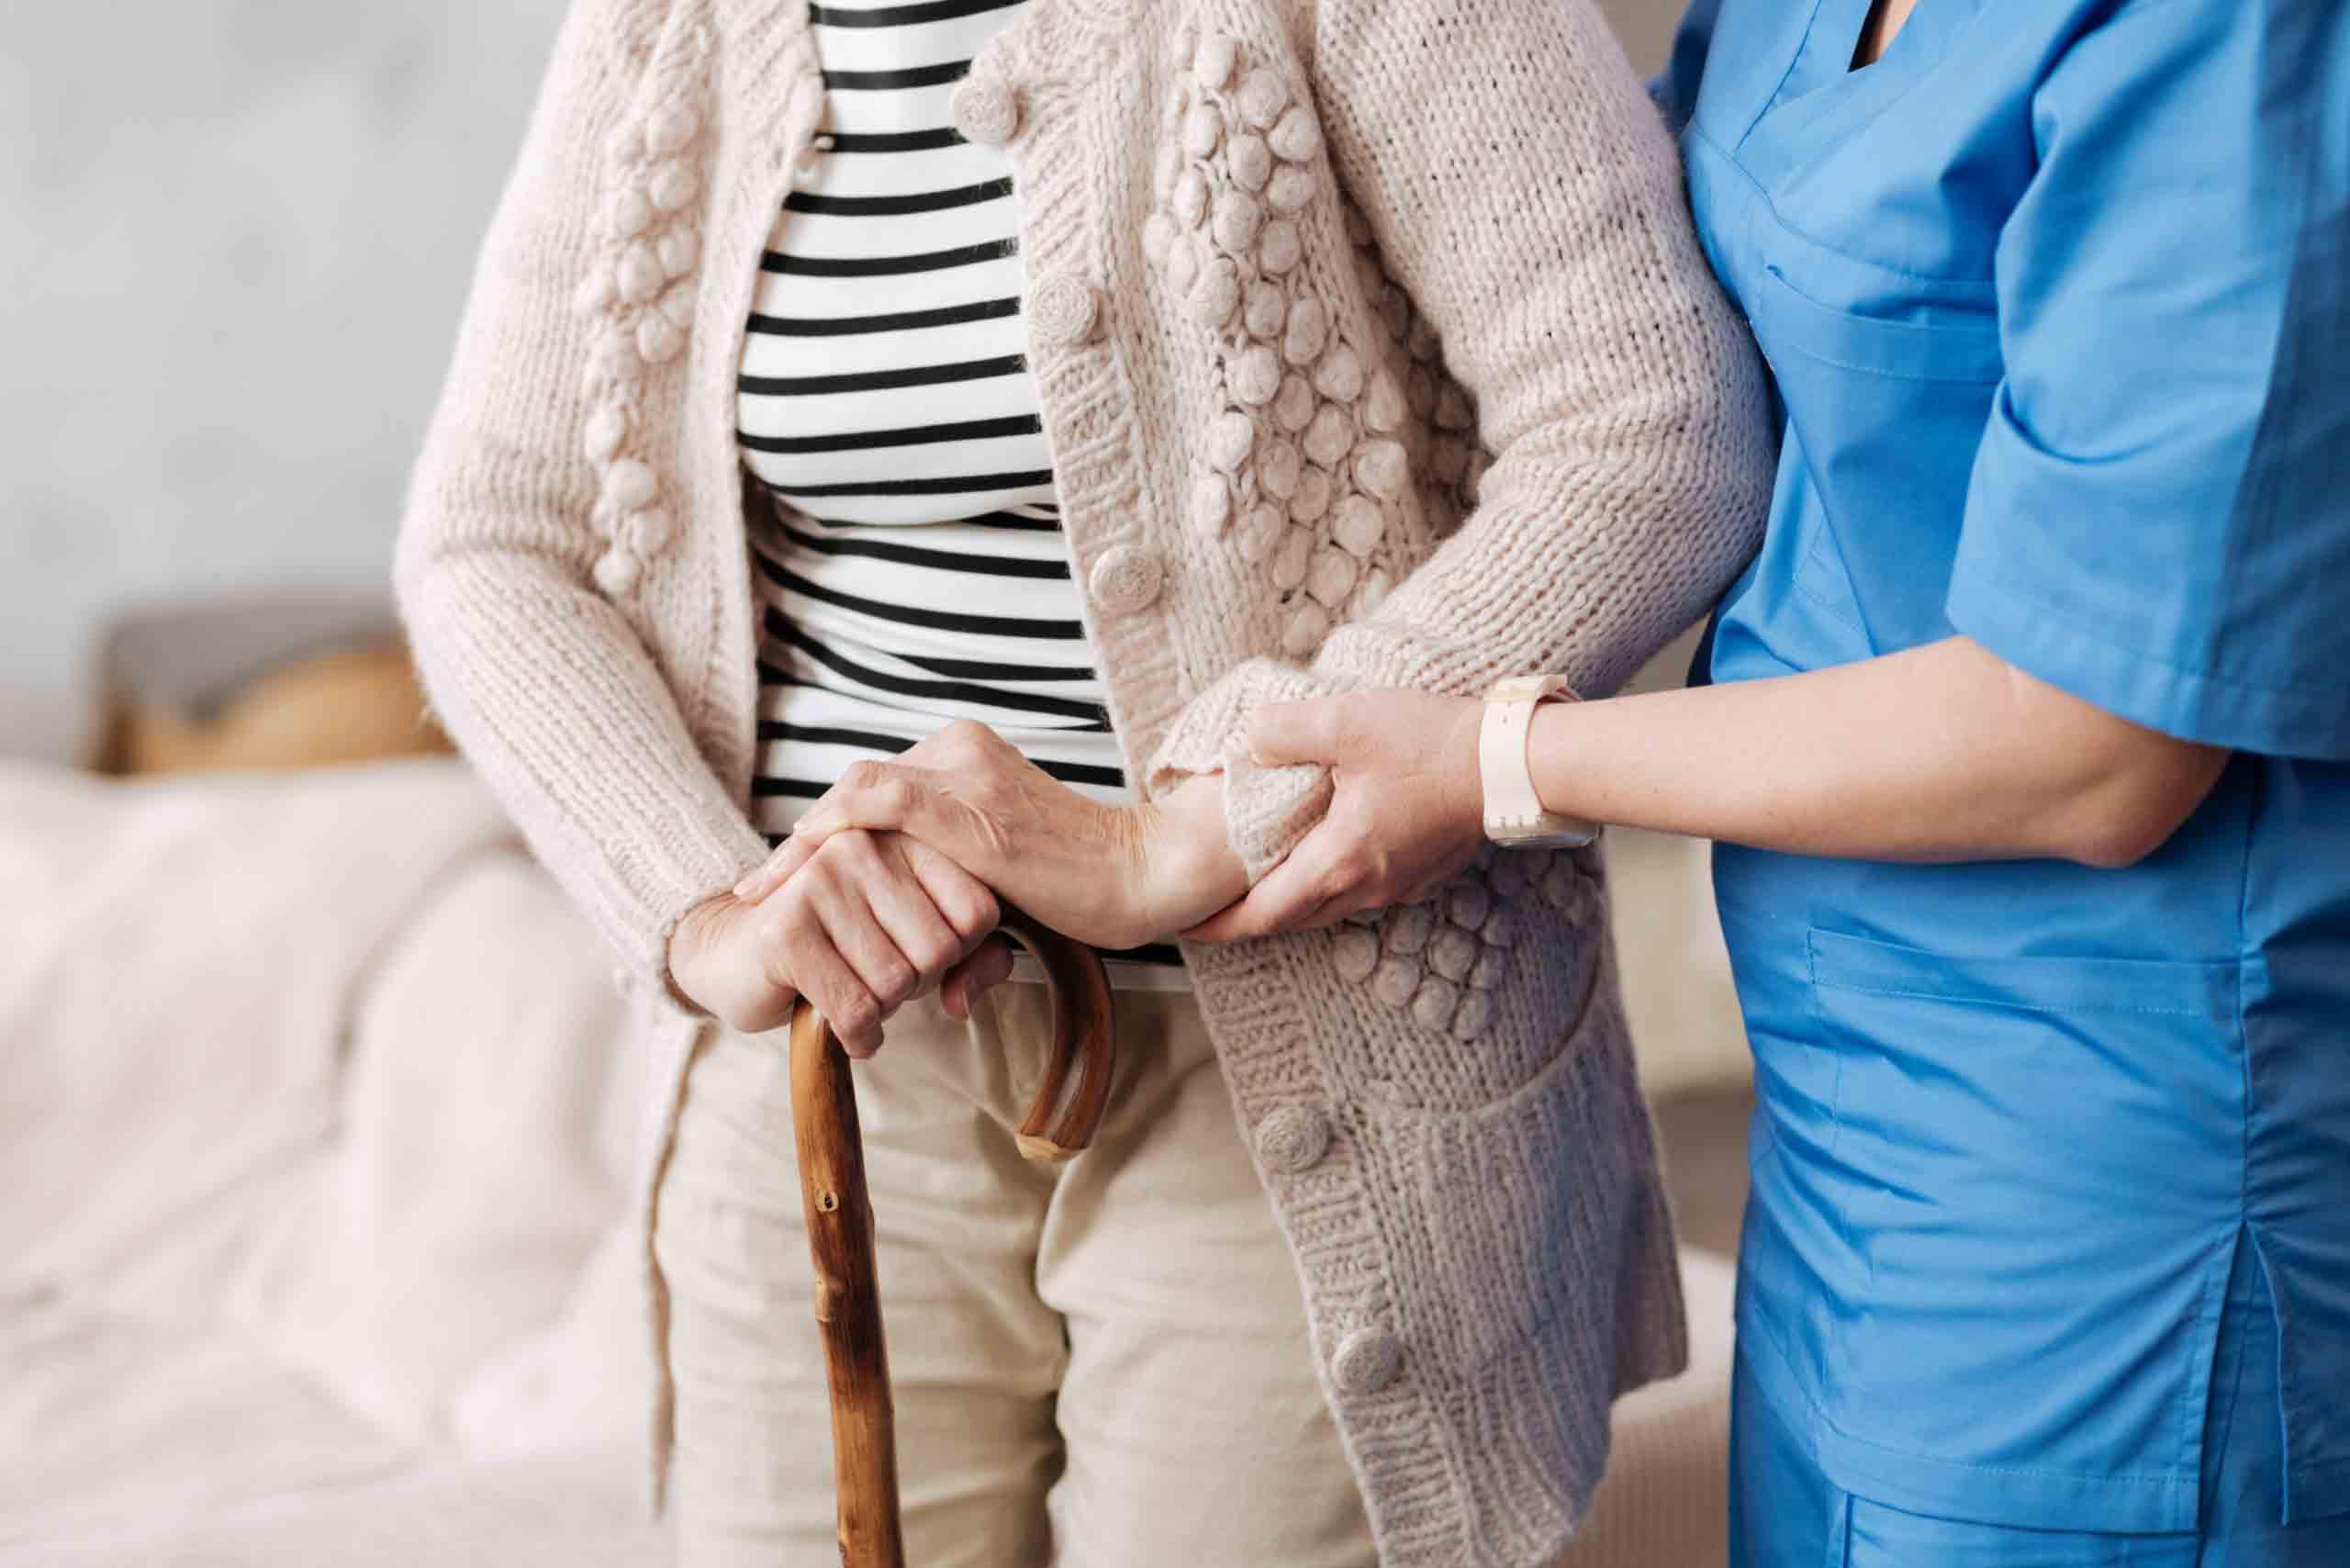 پرستار برای سالمند در خانه | مرکز پارسیان مهرپرور